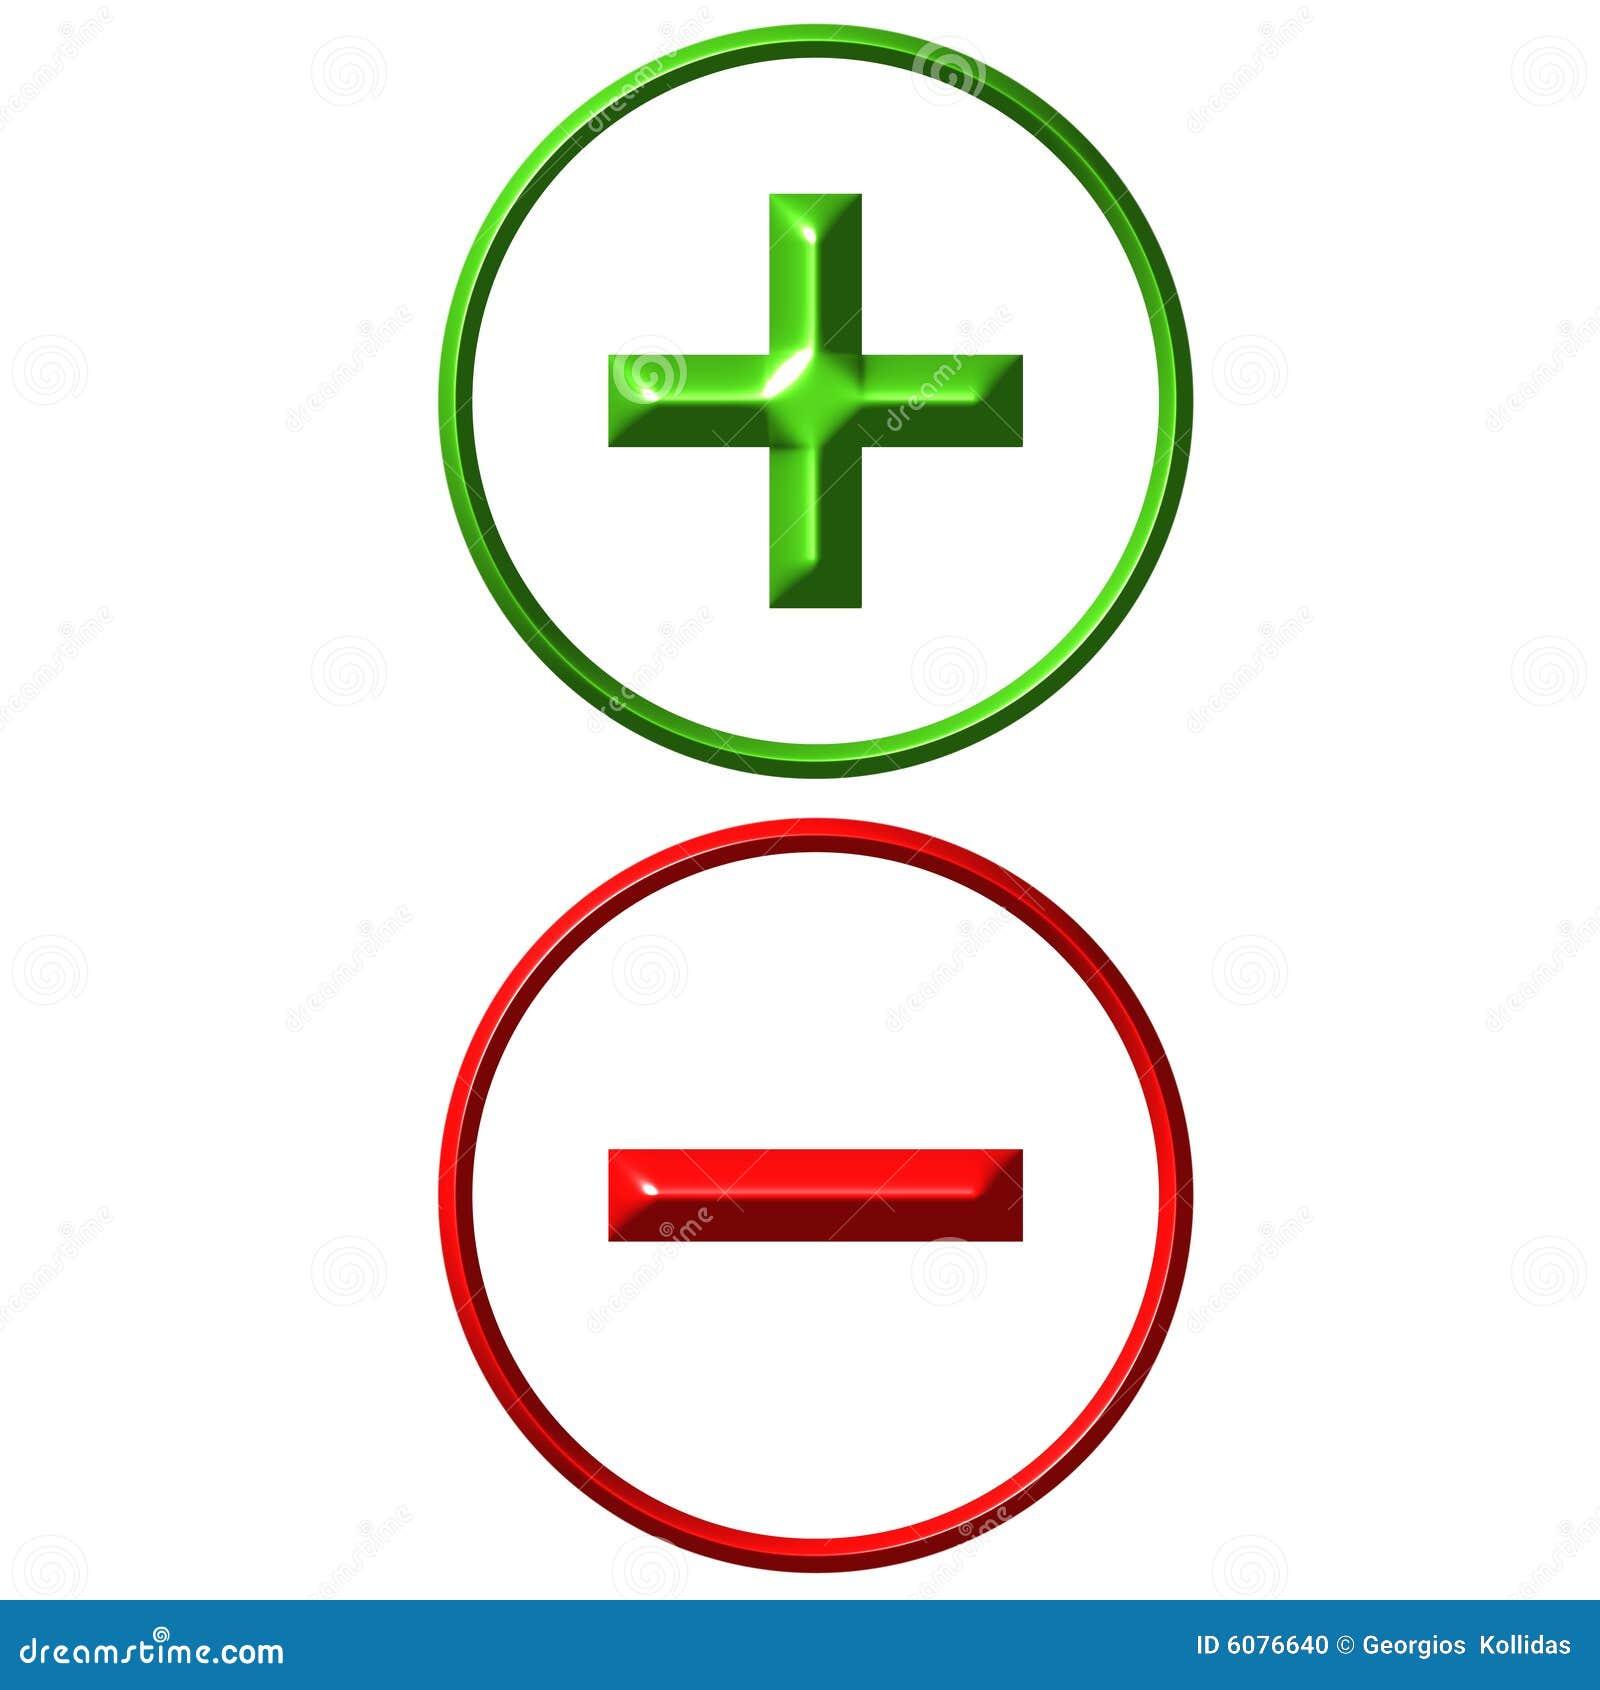 Positivo E Negativo Ilustra U00e7 U00e3o Stock  Ilustra U00e7 U00e3o De Adi U00e7 U00e3o